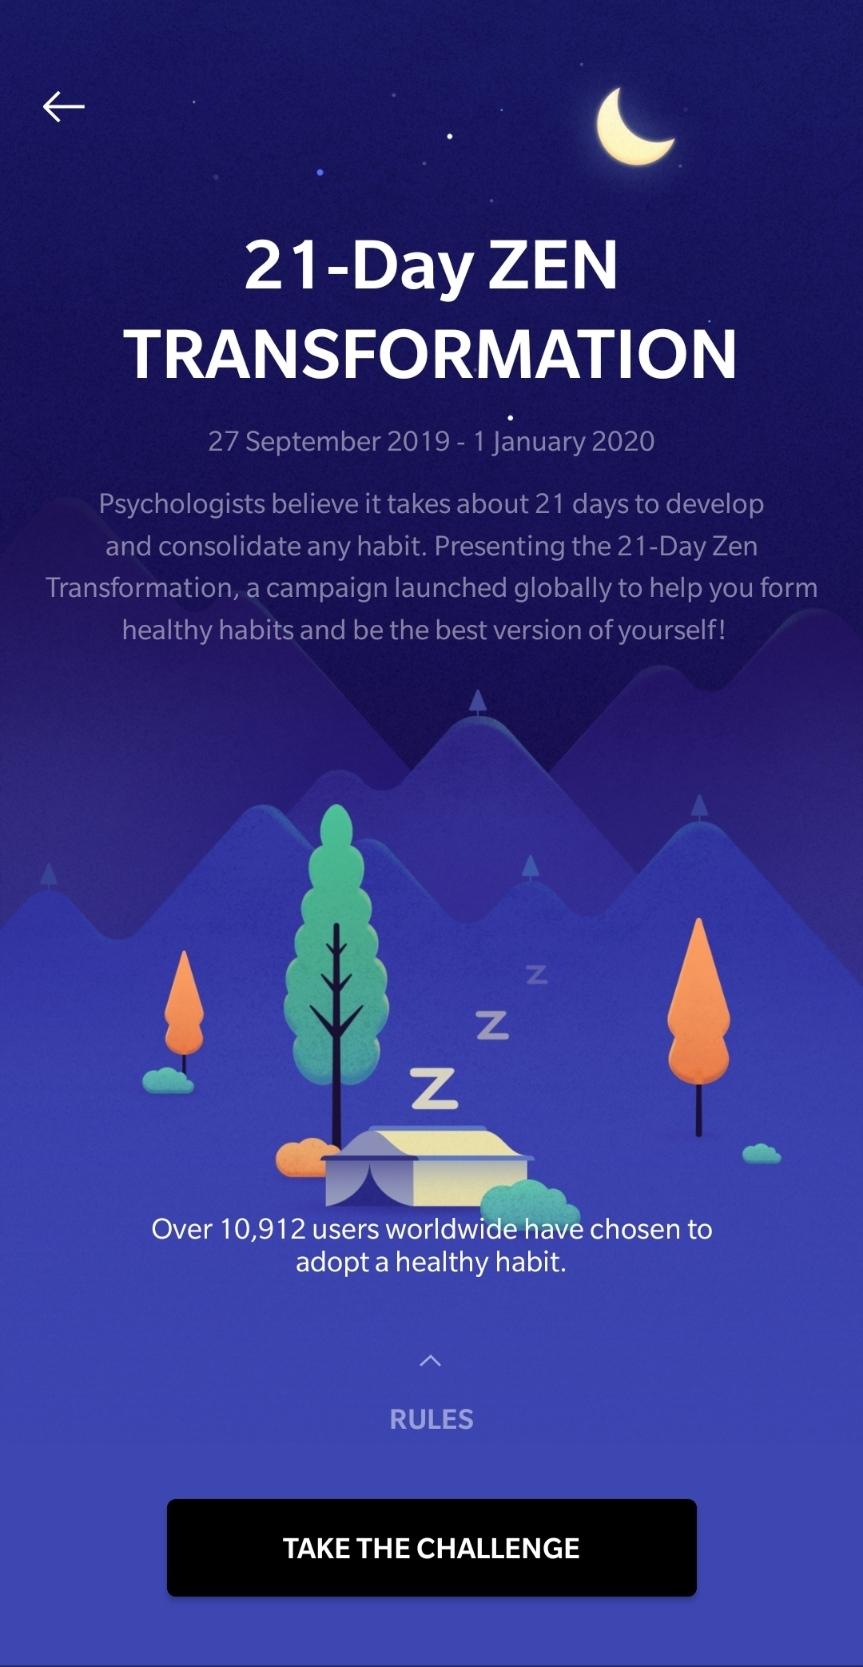 OnePlus Zen challenge